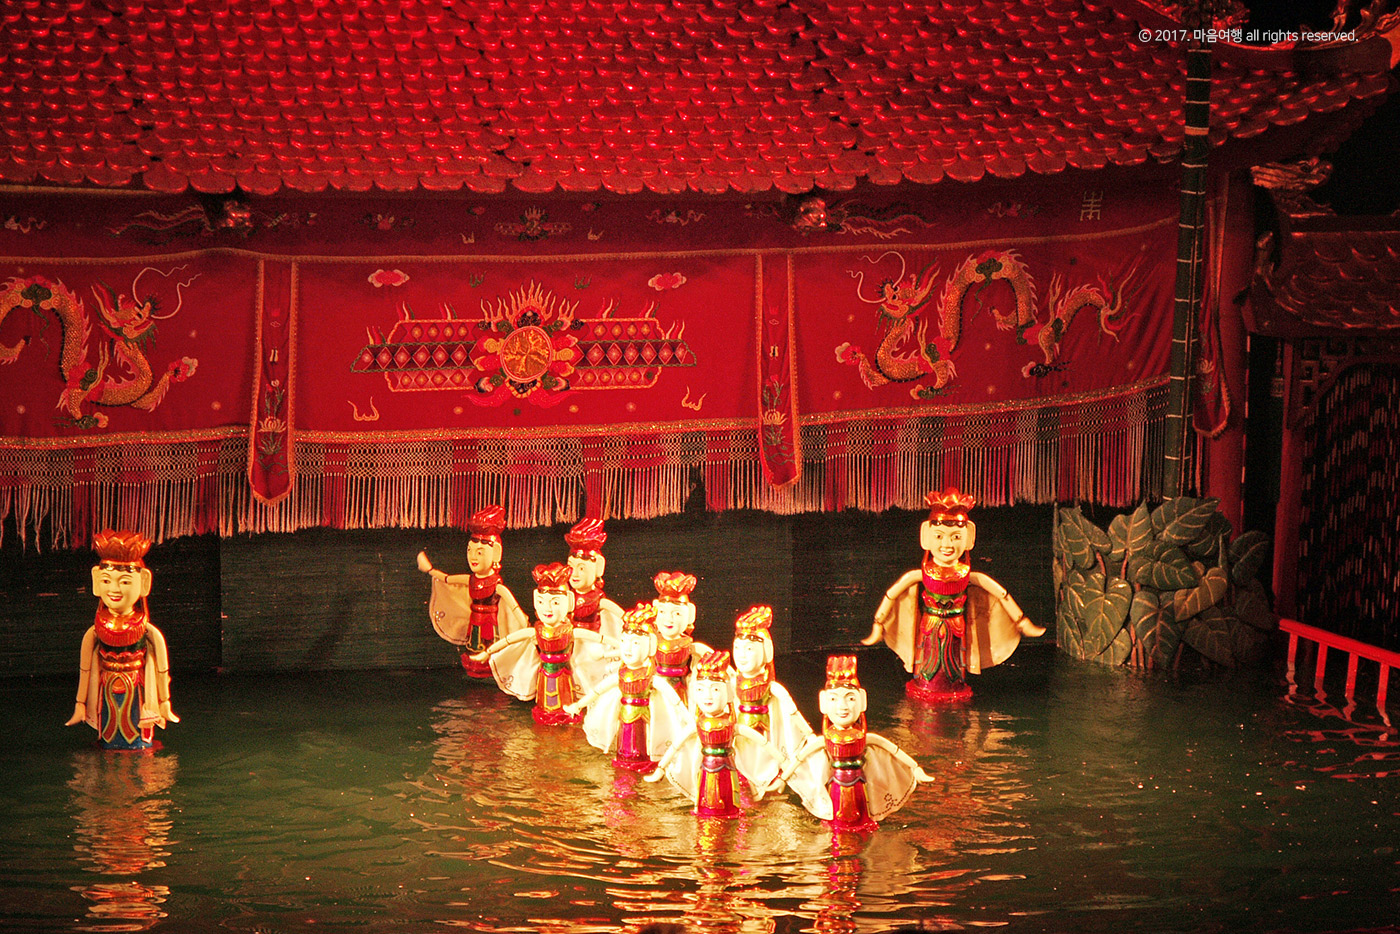 하롱베이 - 수상인형극